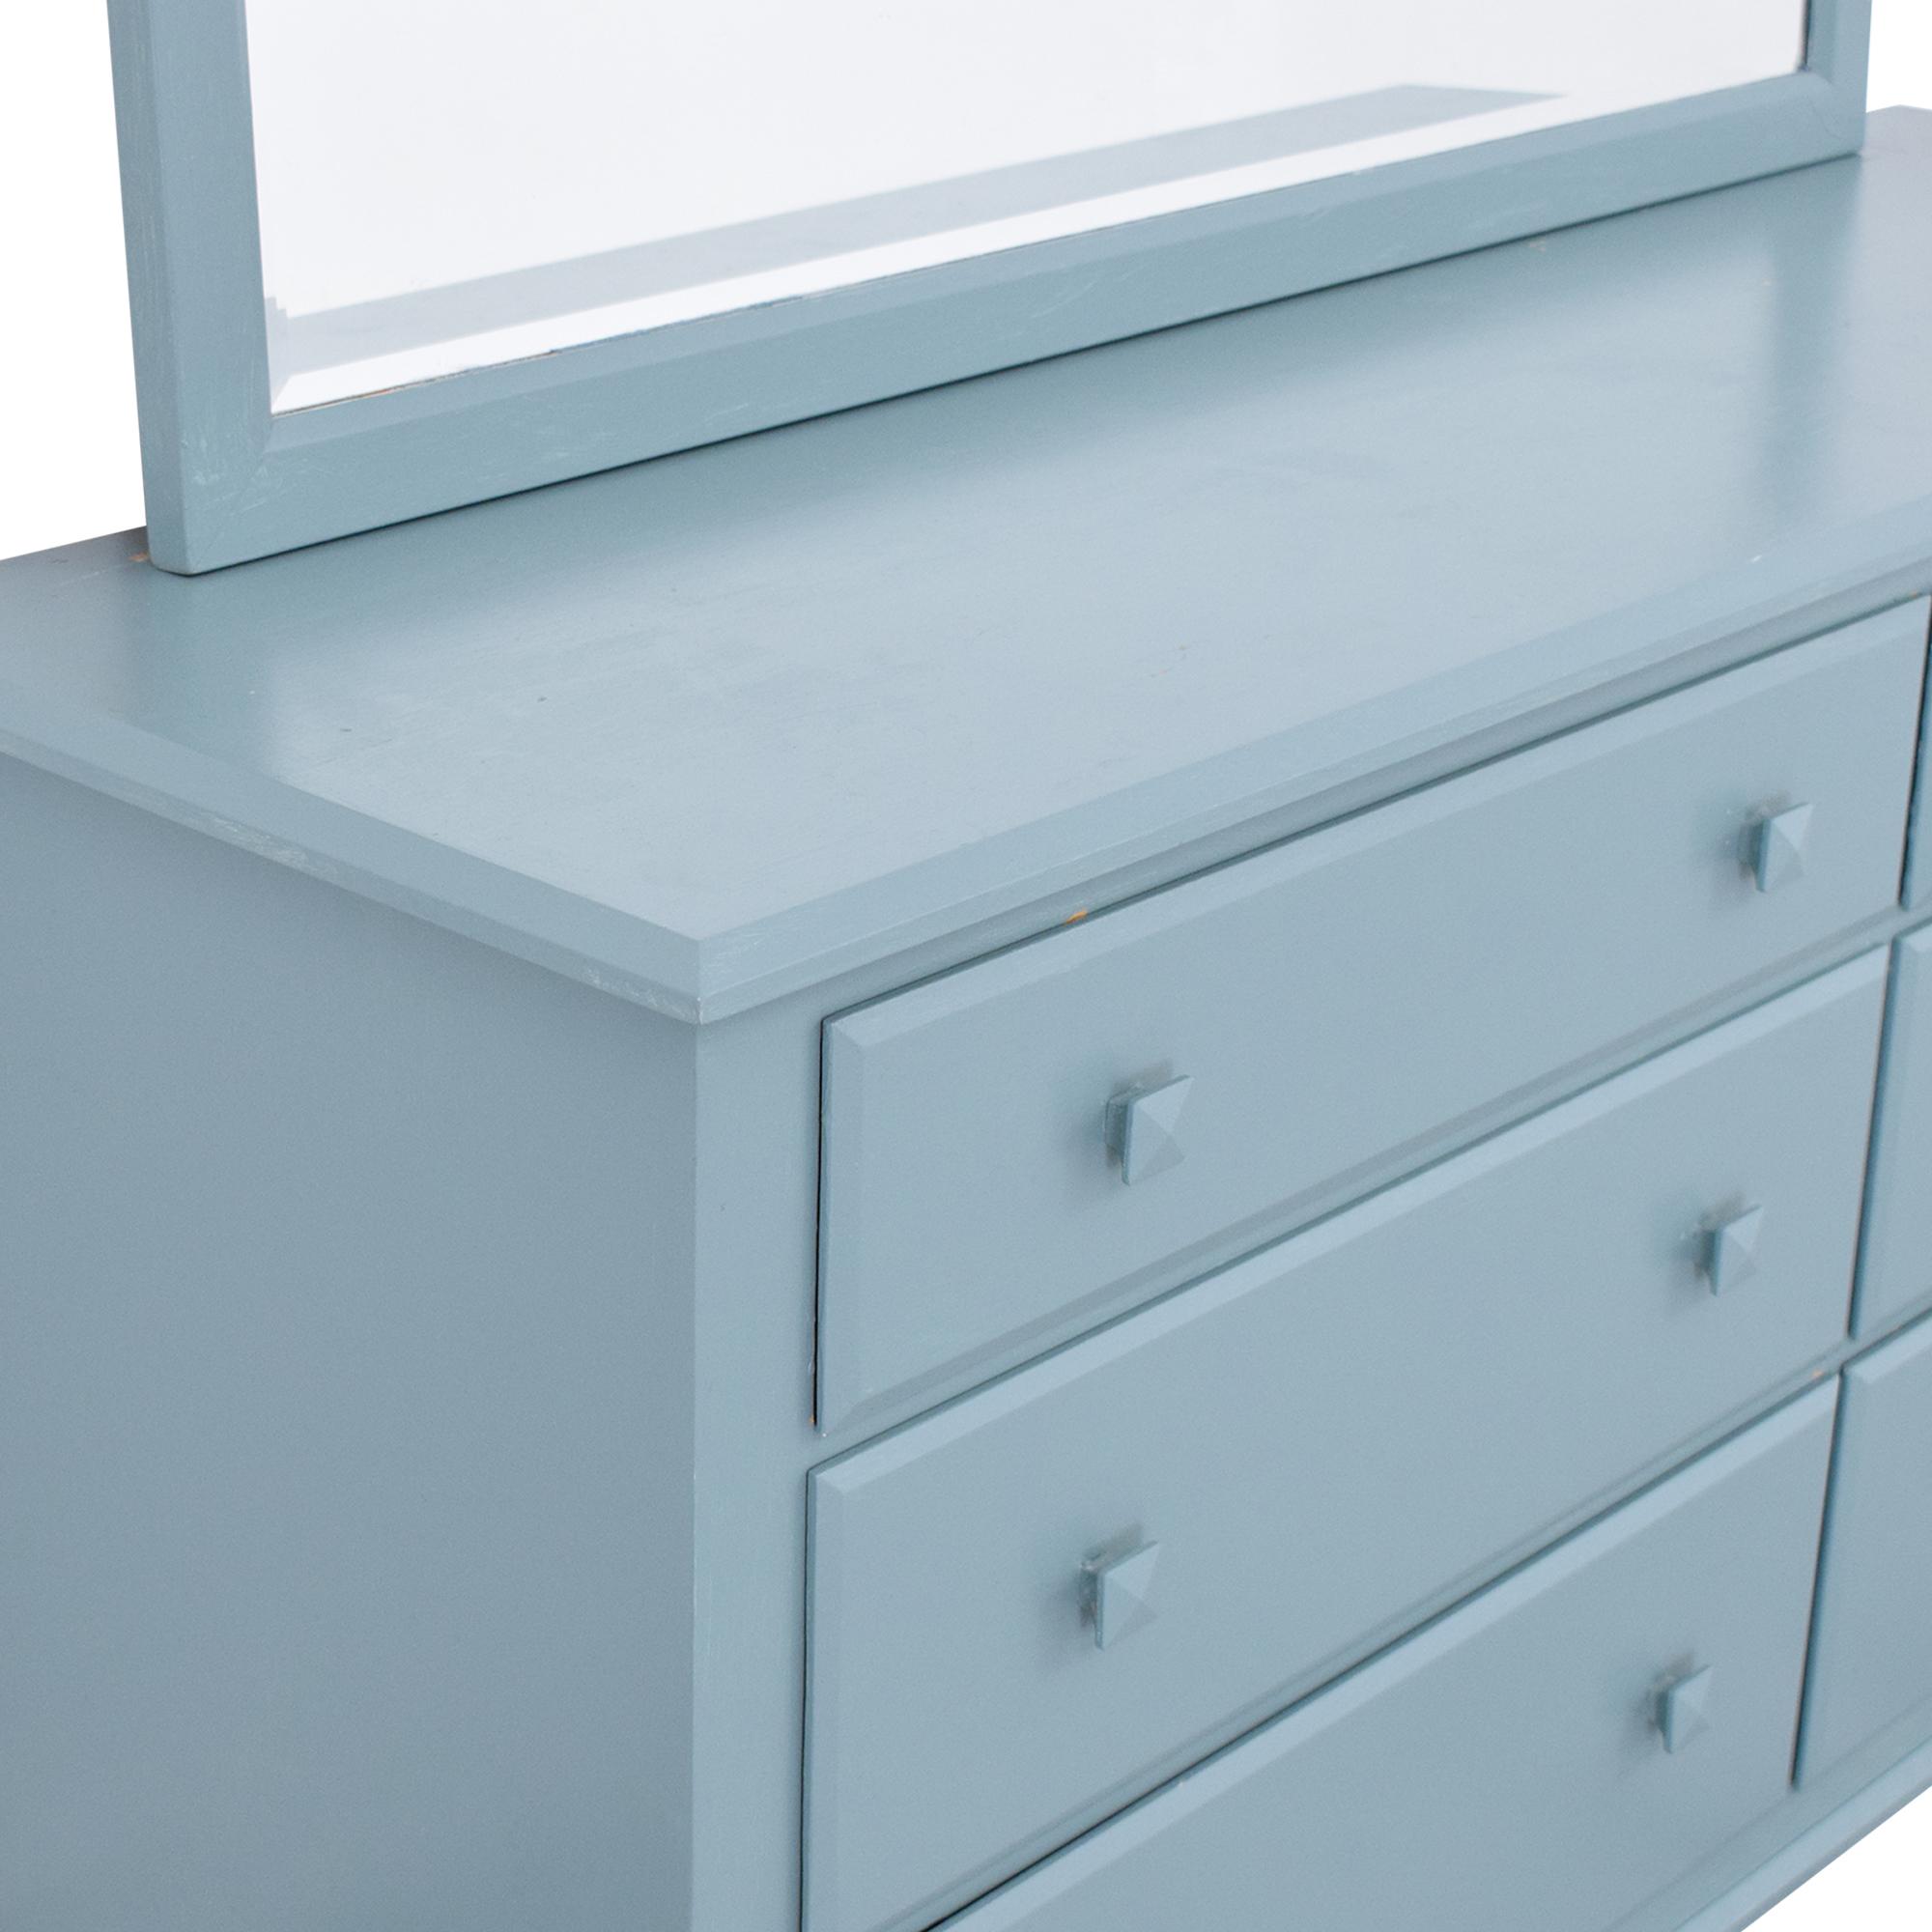 Ethan Allen Ethan Allen American Dimensions Dresser with Mirror Storage